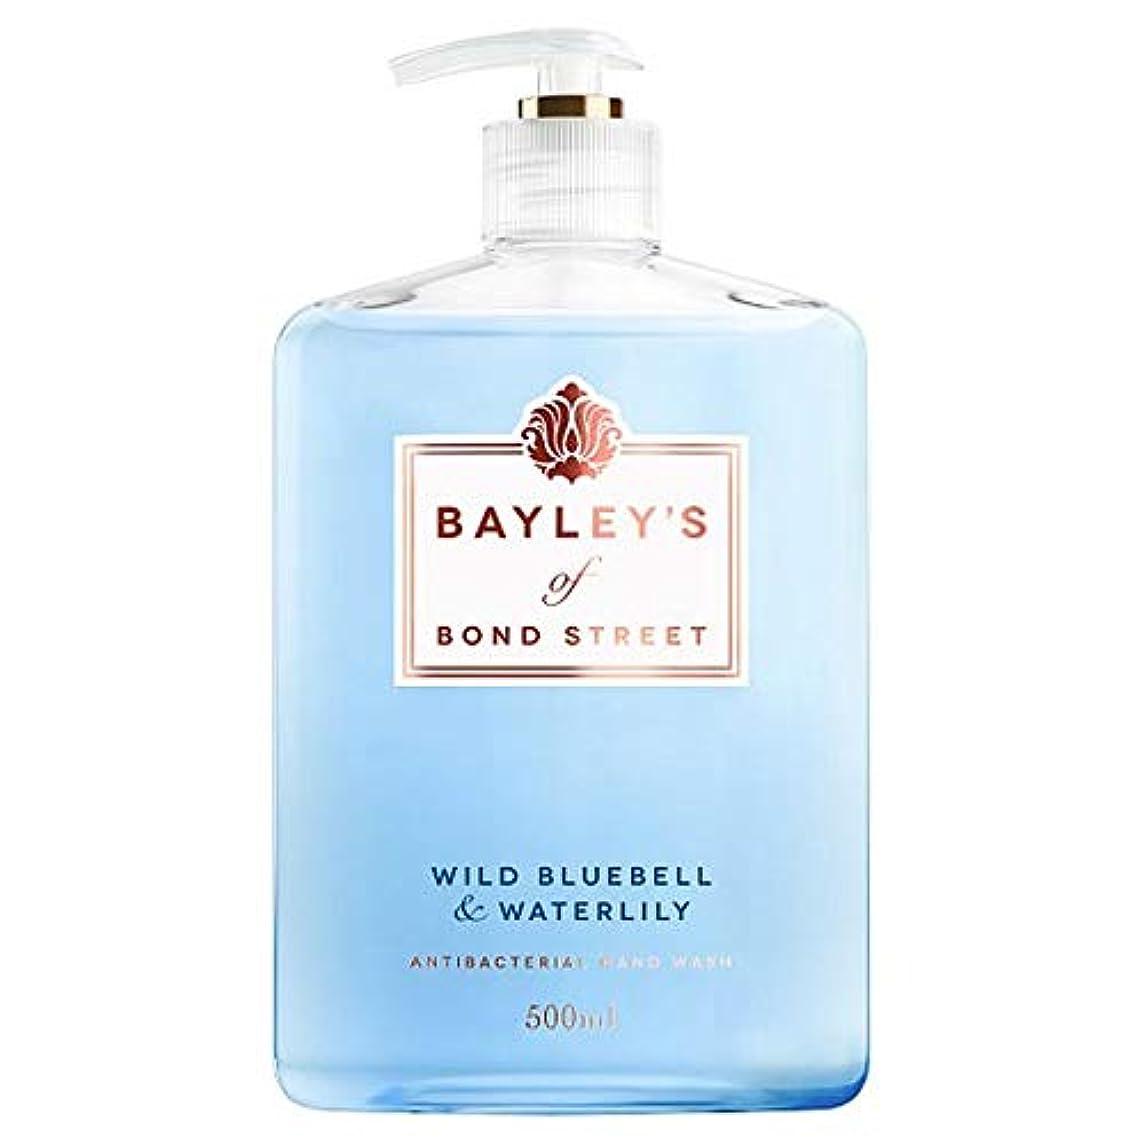 三十文法やろう[Pz Cussons] ベイリーのボンドストリートブルーベルの手洗いの500ミリリットルの - Bayley's Of Bond Street Bluebell Handwash 500Ml [並行輸入品]